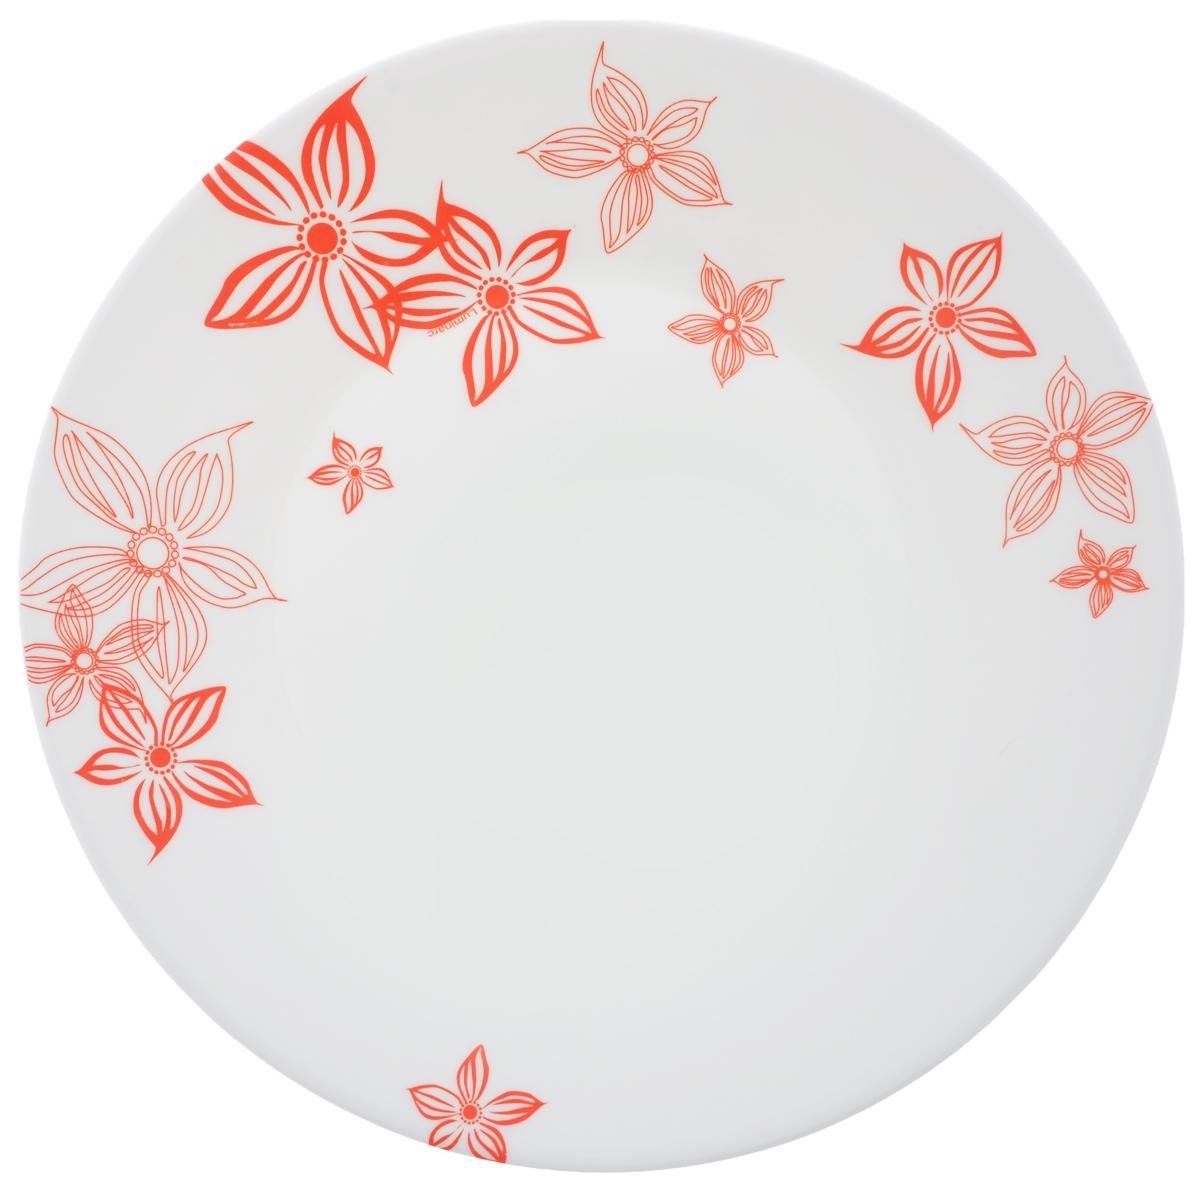 Тарелка Luminarc Talulla, диаметр 24,5 смJ3567Тарелка Luminarc Talulla, изготовленная из ударопрочного стекла, декорирована изображением цветов. Такая тарелка прекрасно подходит как для торжественных случаев, так и для повседневного использования. Идеальна для подачи десертов, пирожных, тортов и многого другого. Она прекрасно оформит стол и станет отличным дополнением к вашей коллекции кухонной посуды. Диаметр тарелки (по верхнему краю): 24,5 см. Высота тарелки: 2,5 см.